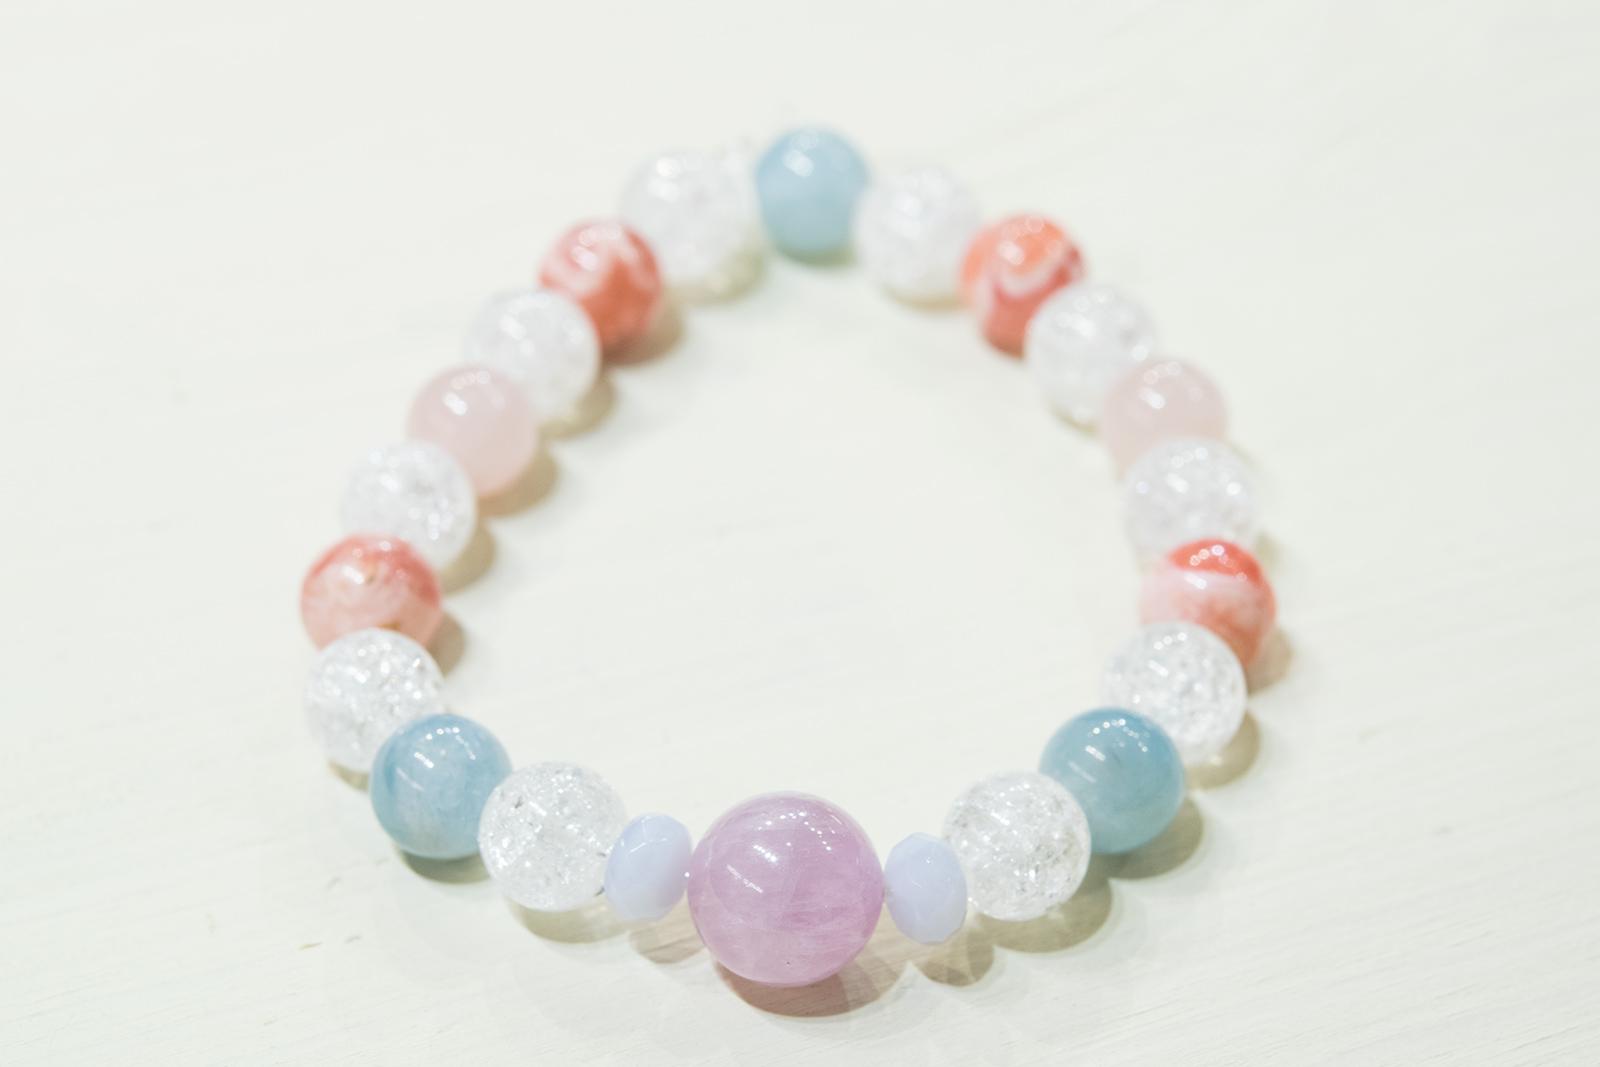 水晶さざれプレゼントキャンペーン@心斎橋 本店